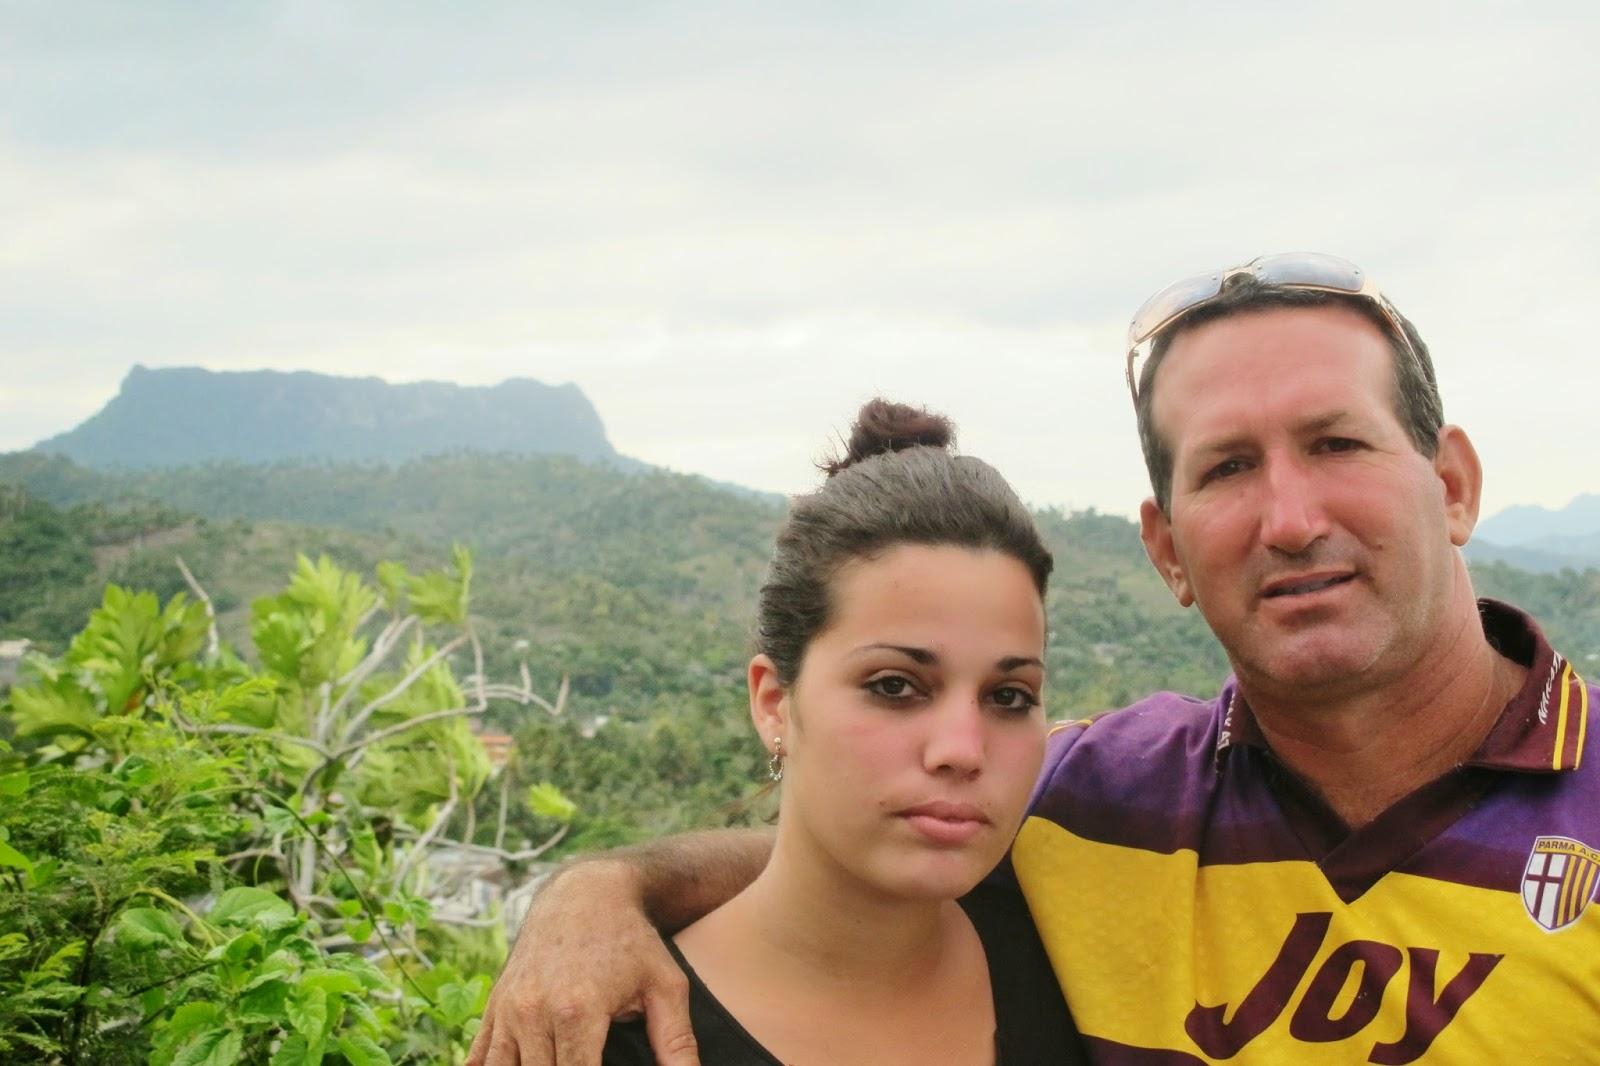 Nativos de Baracoa, numa das regiões mais remotas de Cuba.